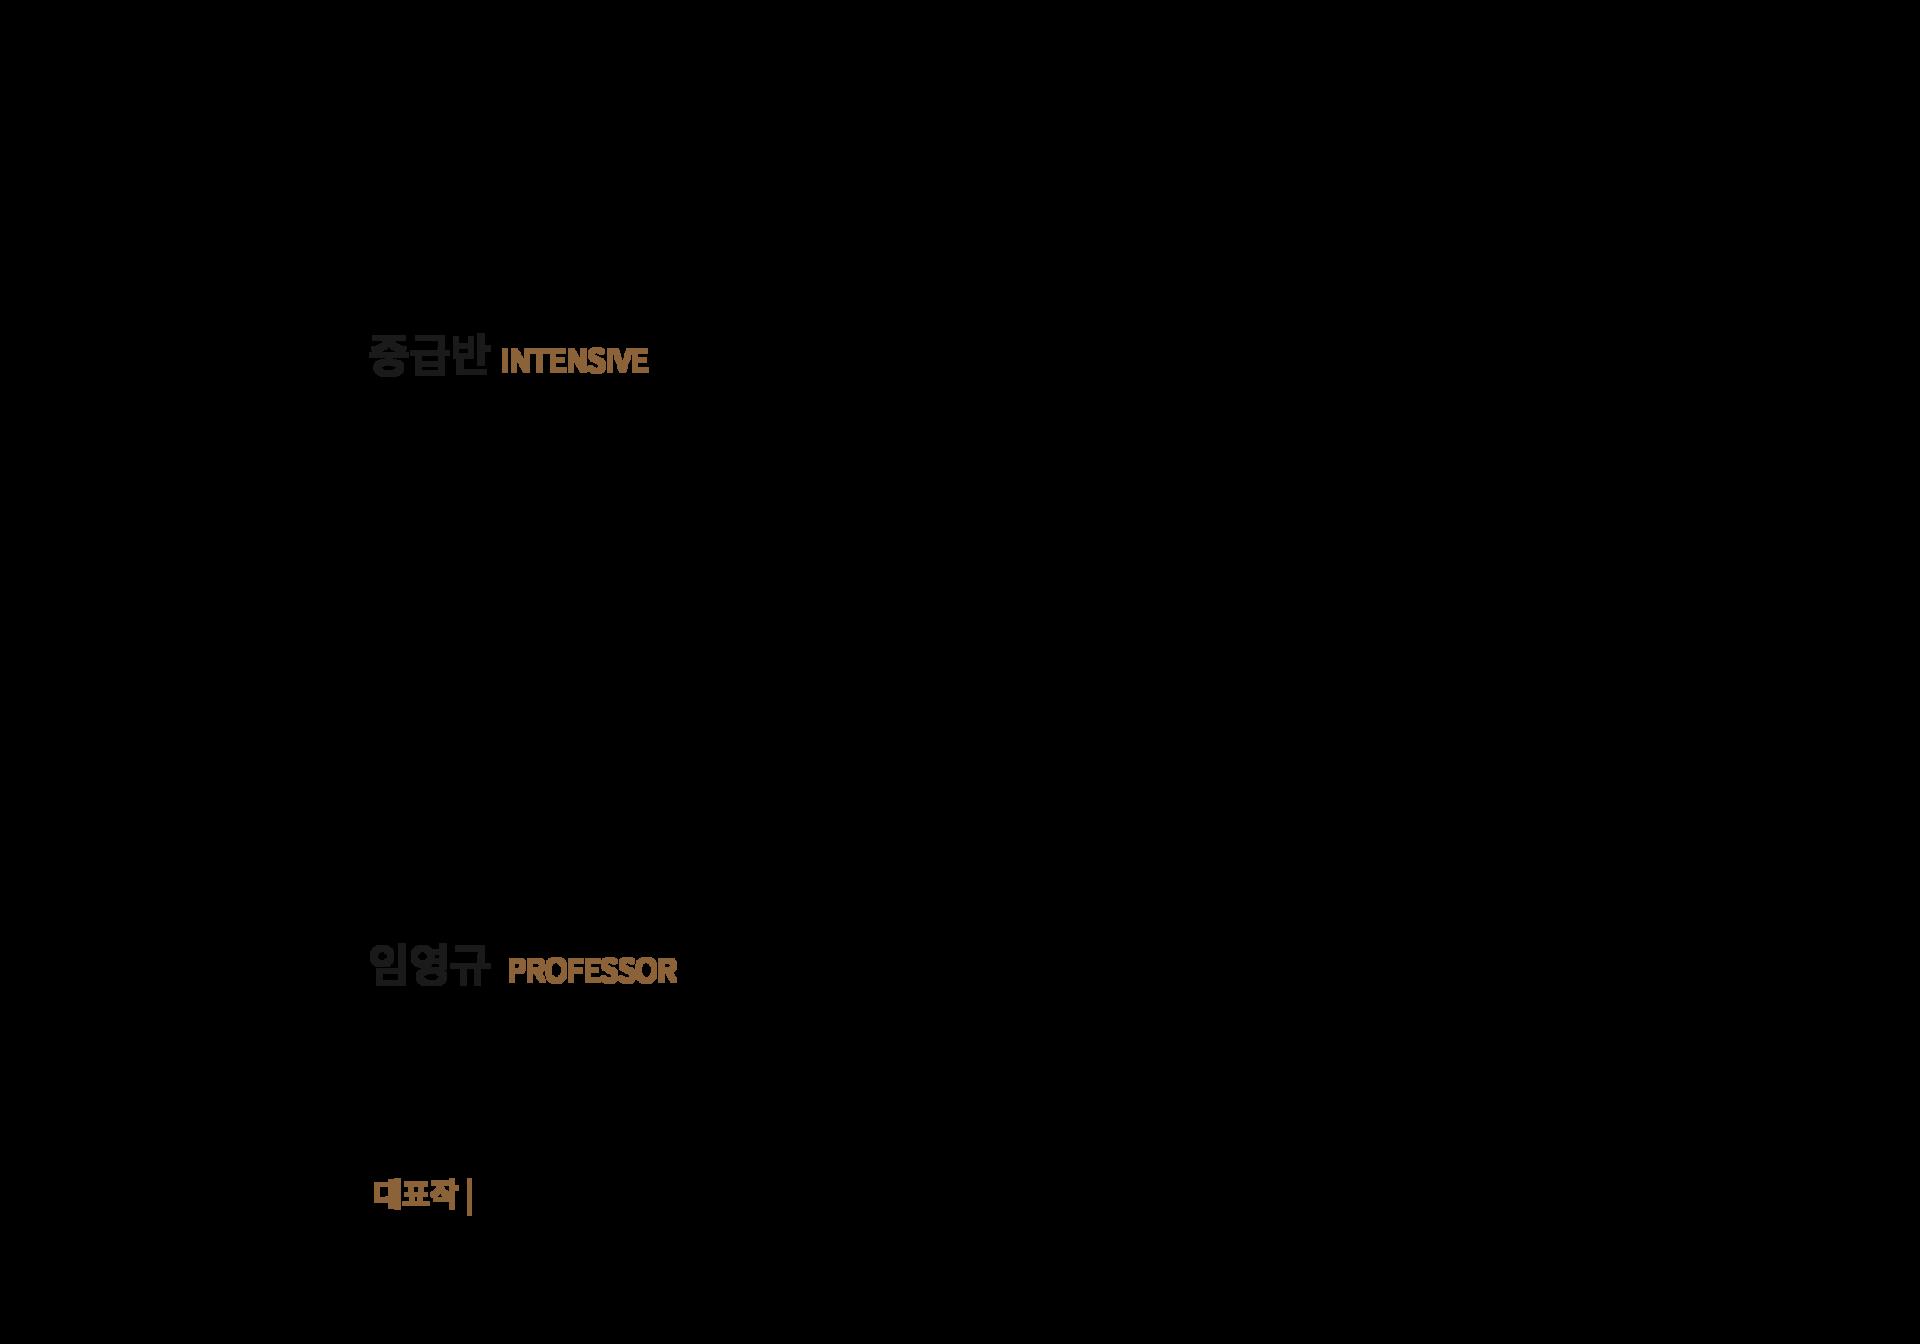 쏘아애니메이션반수강생모집중급반